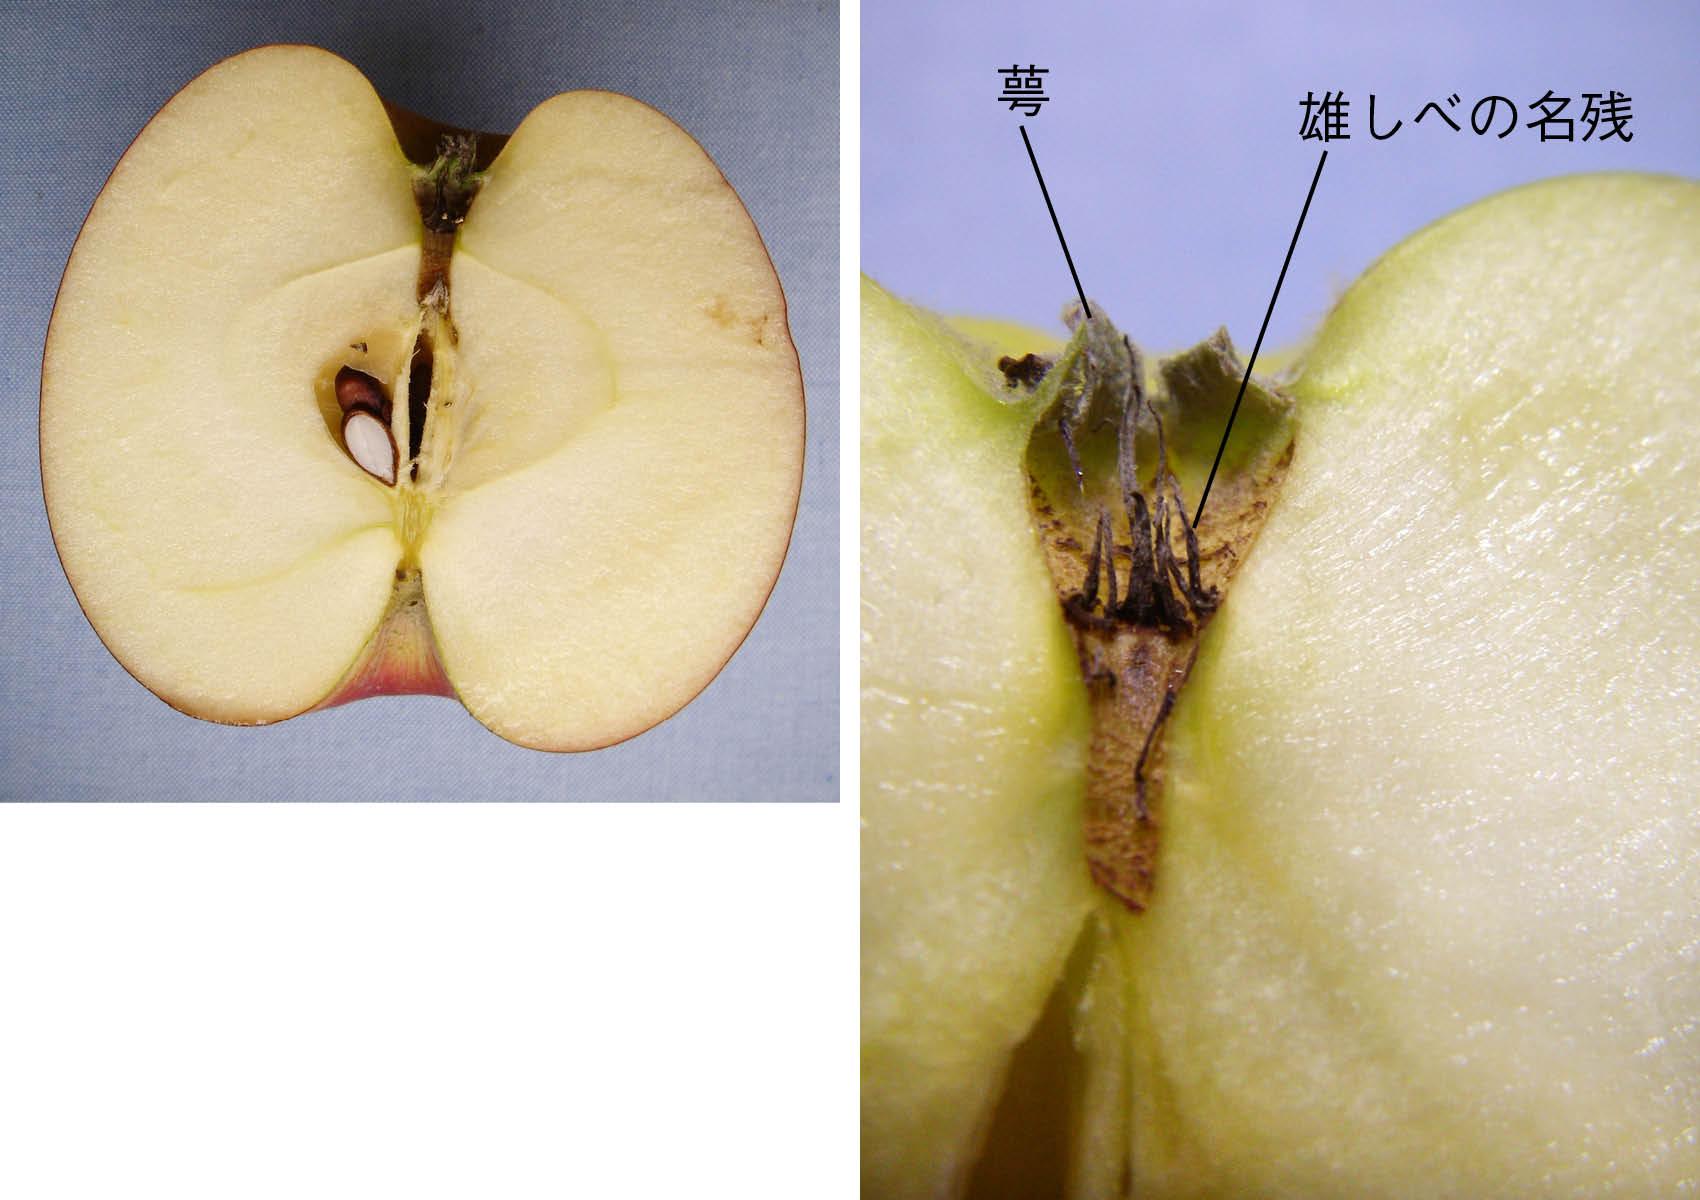 リンゴの芯はじつは果実。知っているとおもしろい花と果実の植物用語学 ...